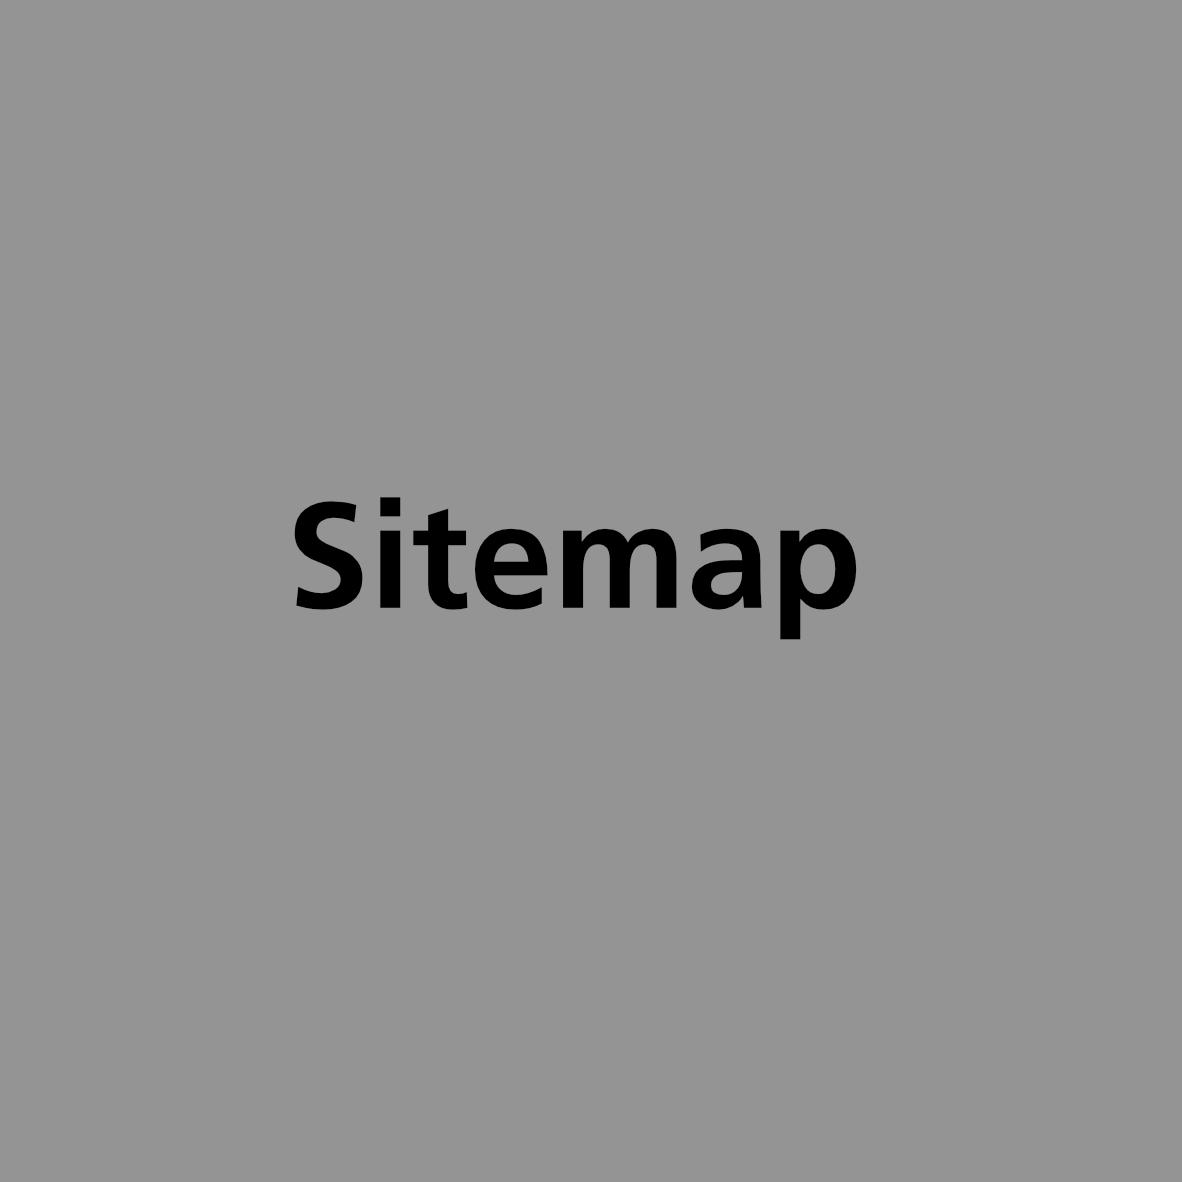 Bild: Kachel «Sitemap»